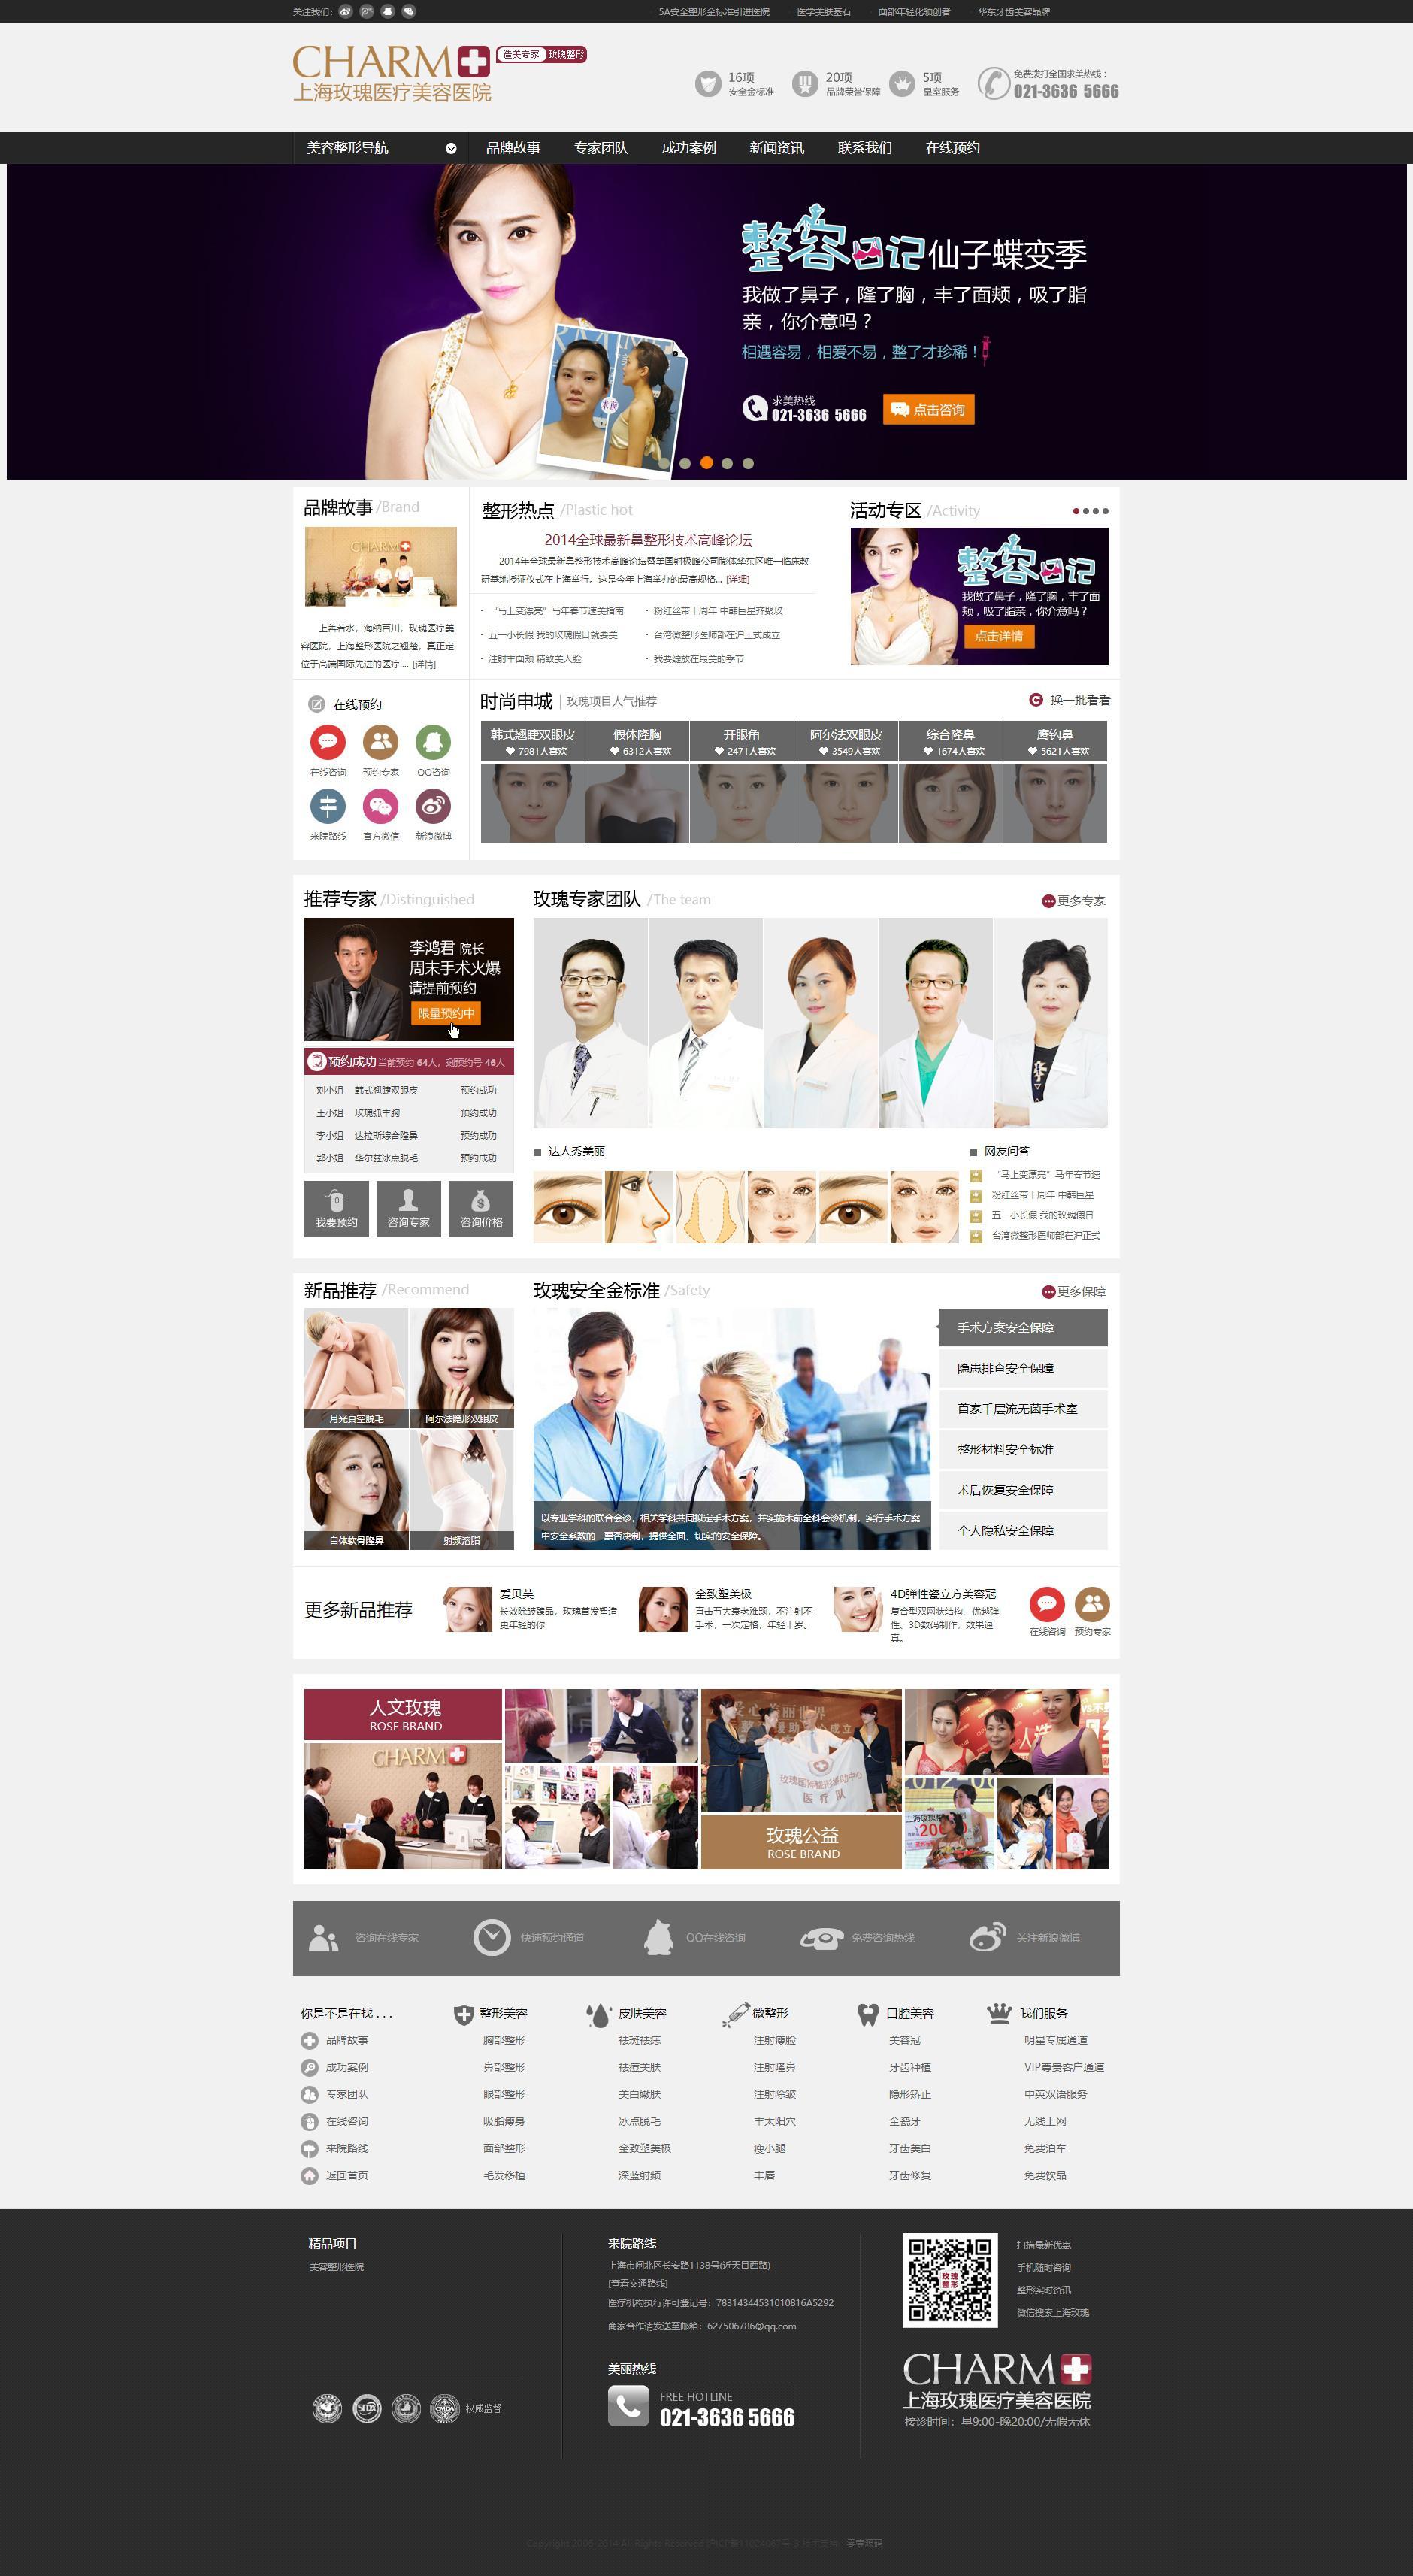 黑白宽屏通用医院类仿上海整形医院整站织梦dedecms模板